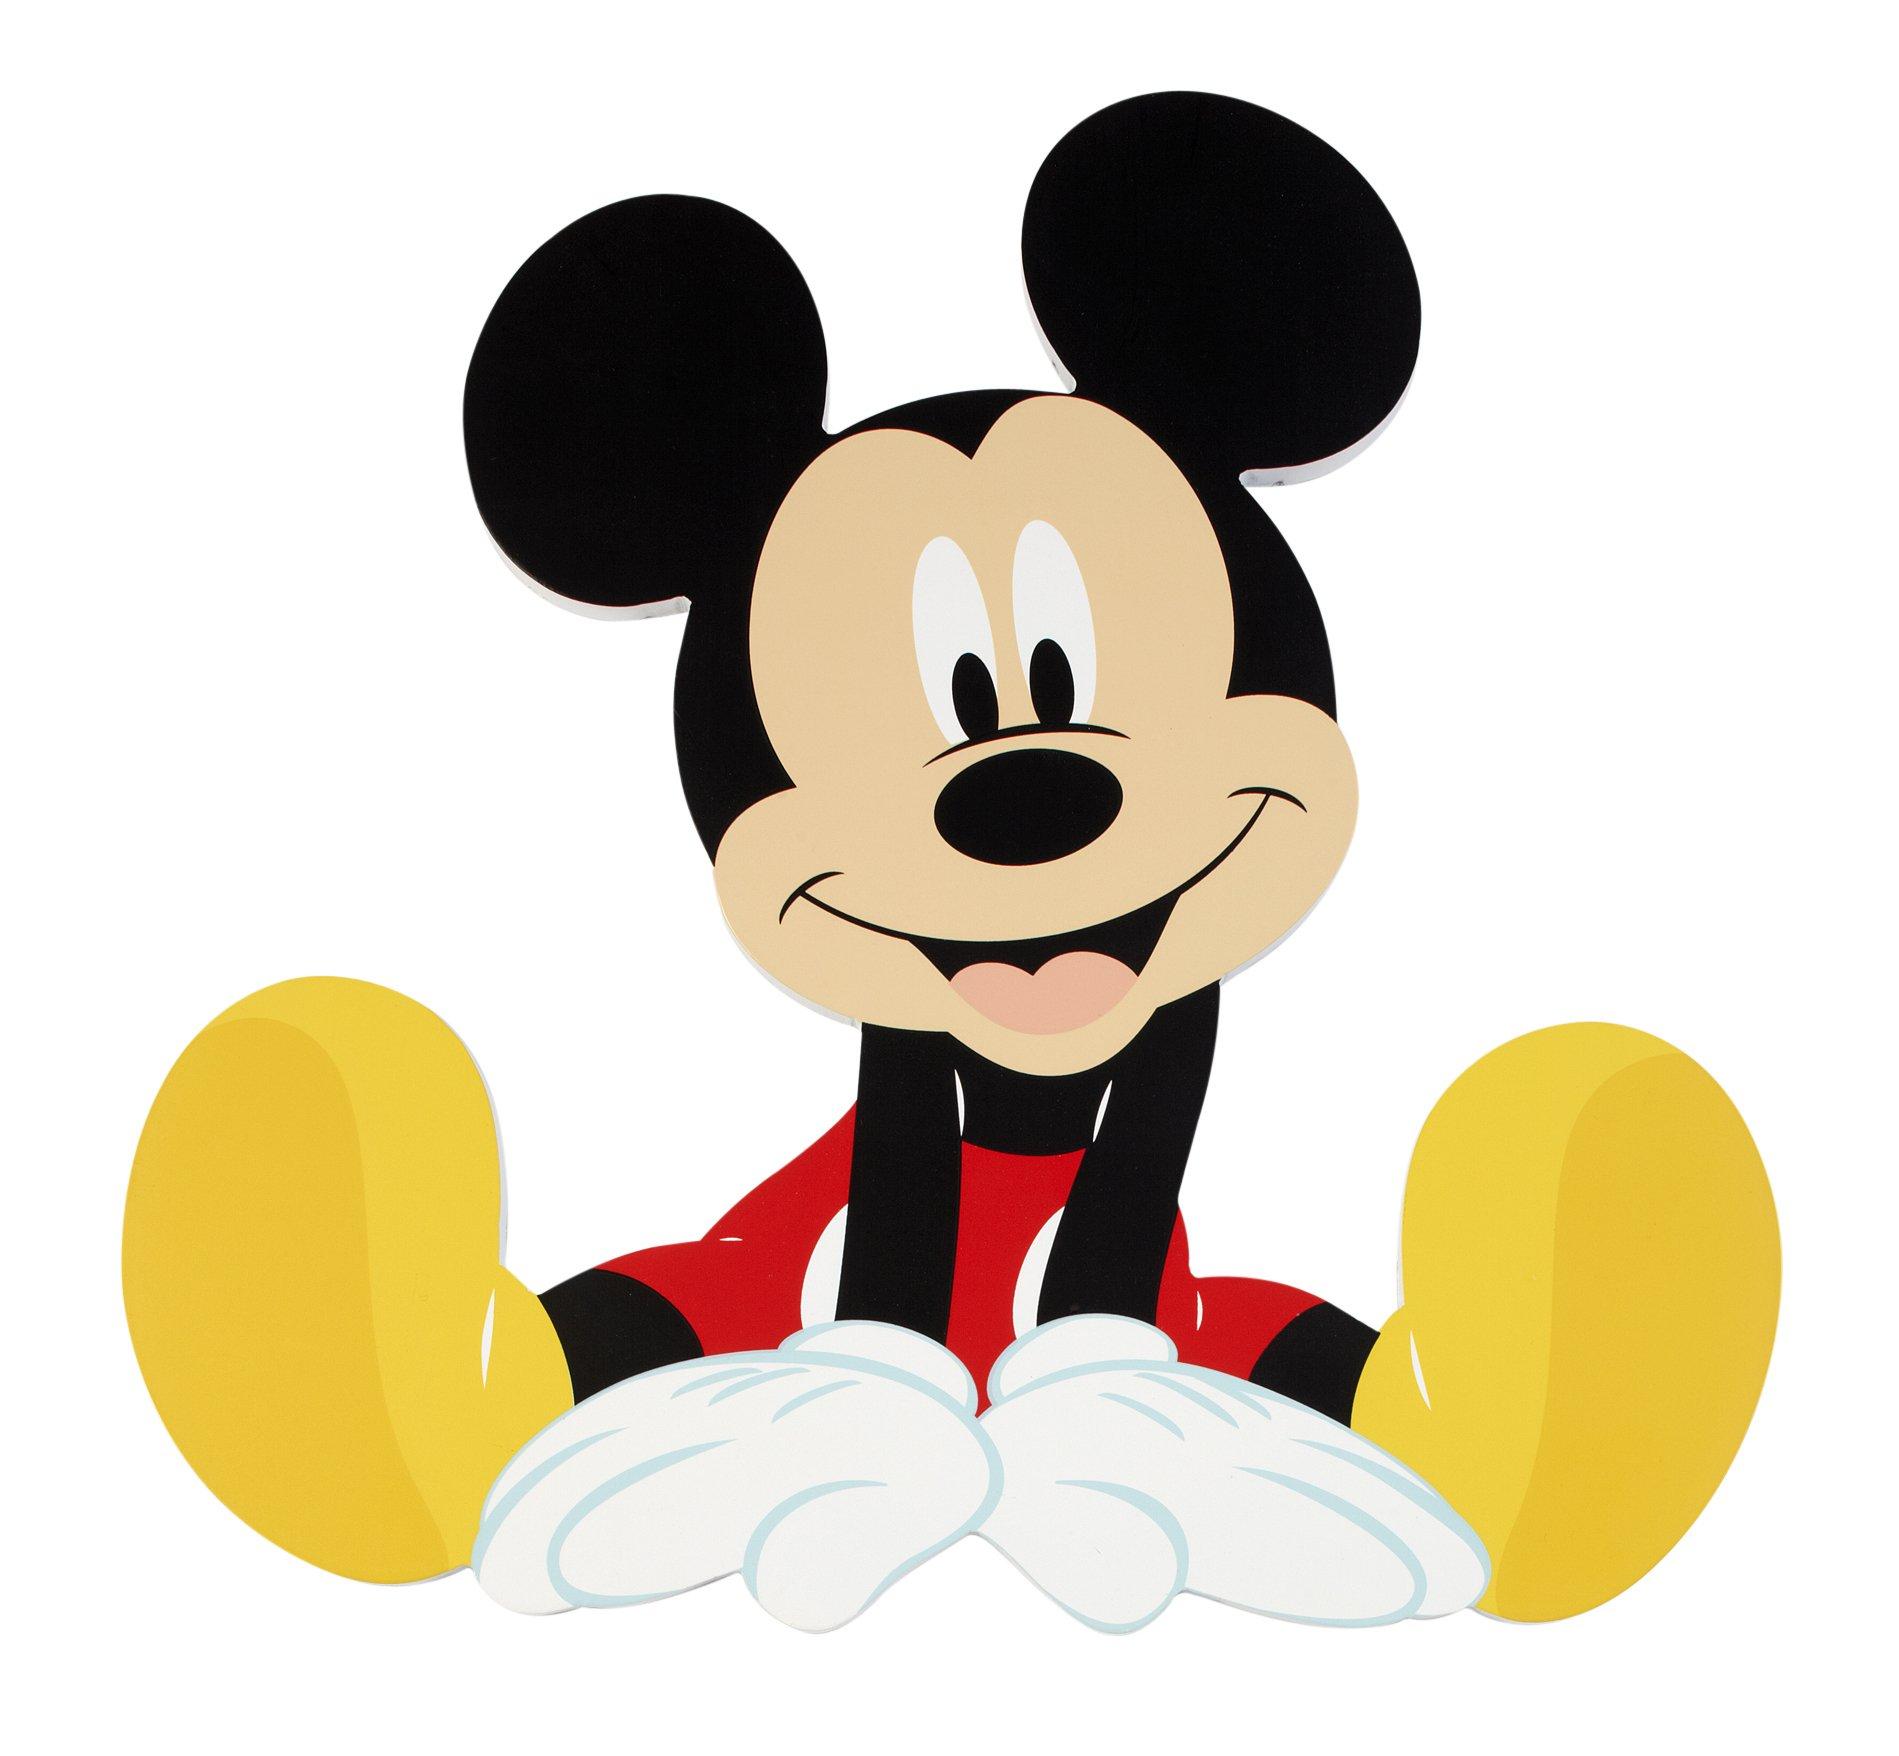 Amazon.com : Disney Mickey Wall Art, 2 Count : Baby